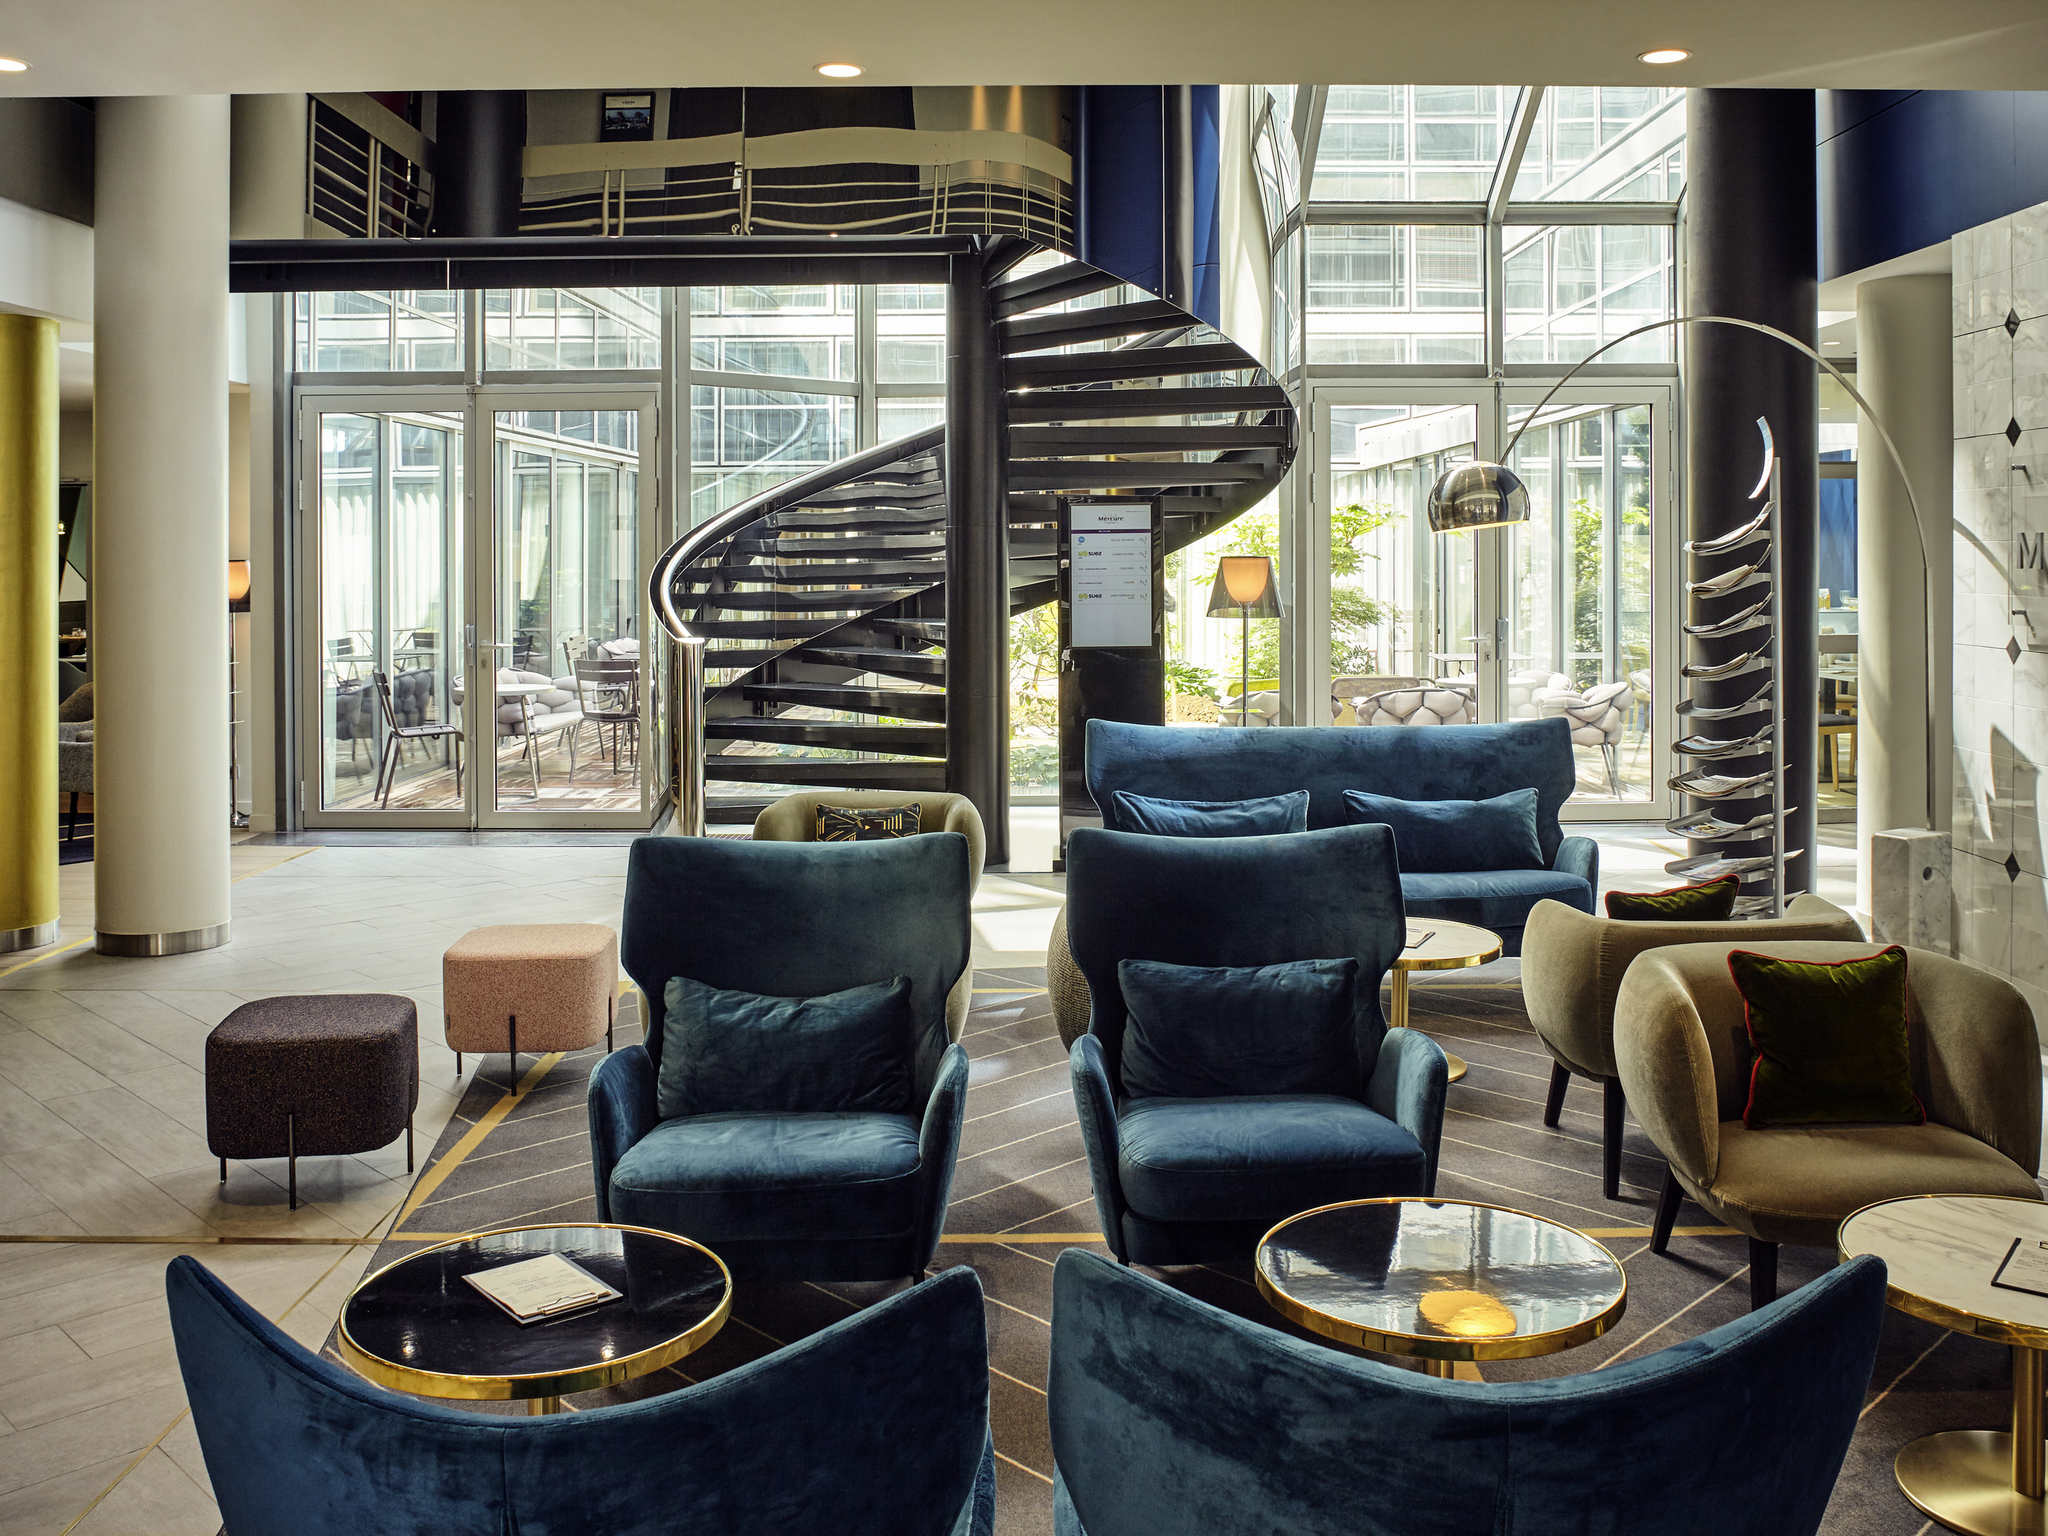 Appart hotel mercure la d fense grande arche for Apparthotel 92